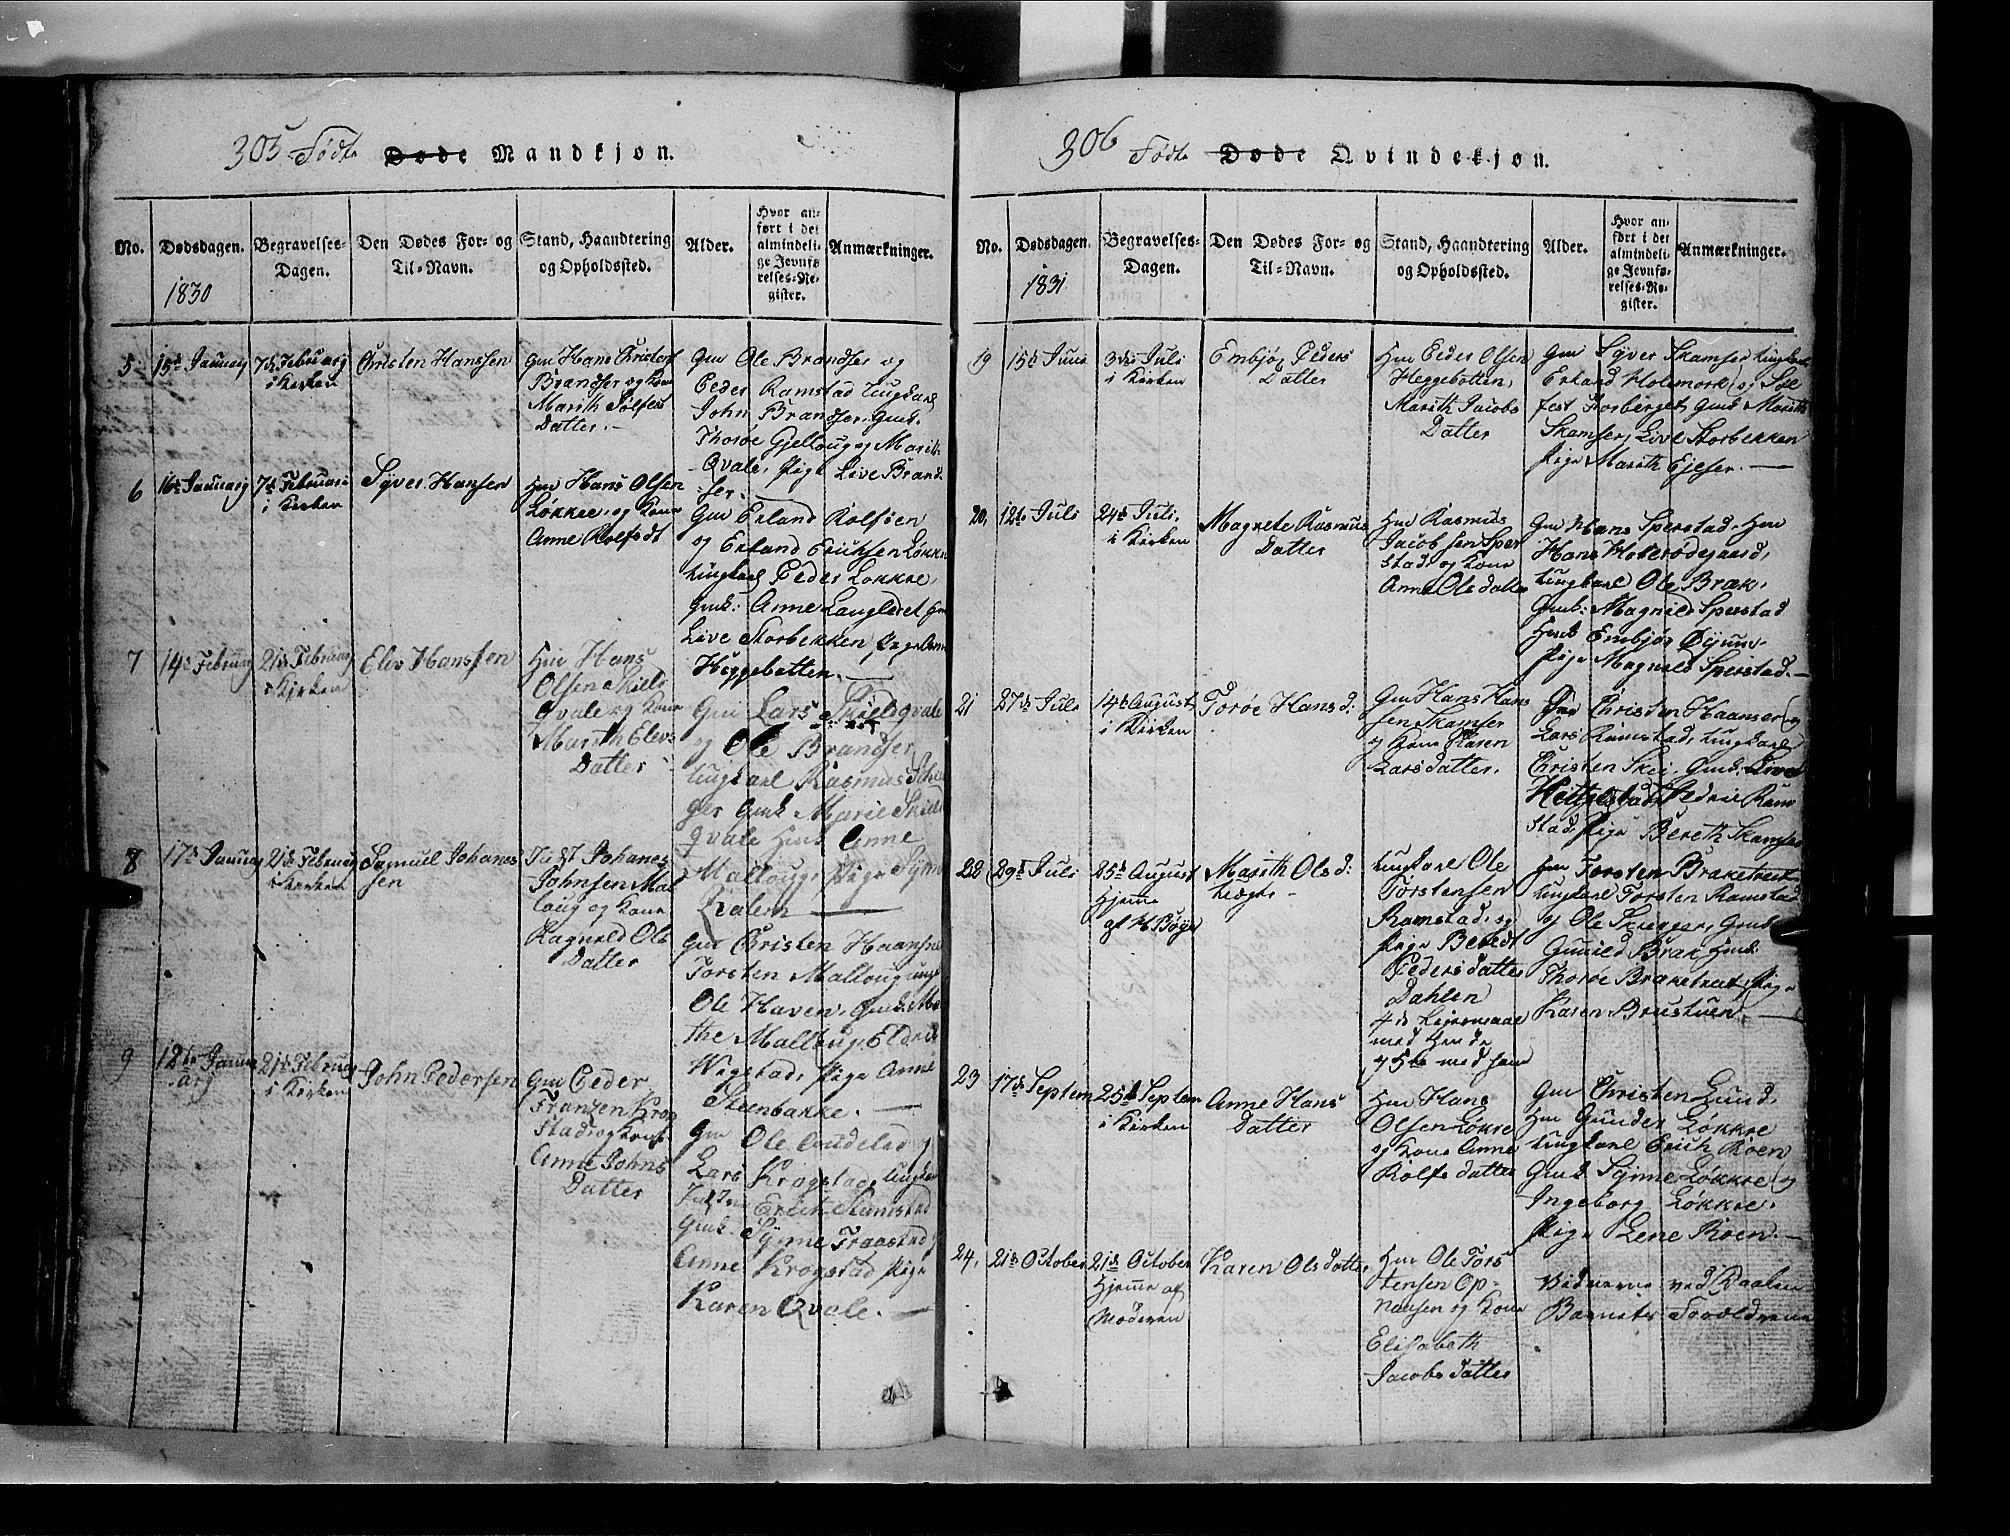 SAH, Lom prestekontor, L/L0003: Klokkerbok nr. 3, 1815-1844, s. 305-306